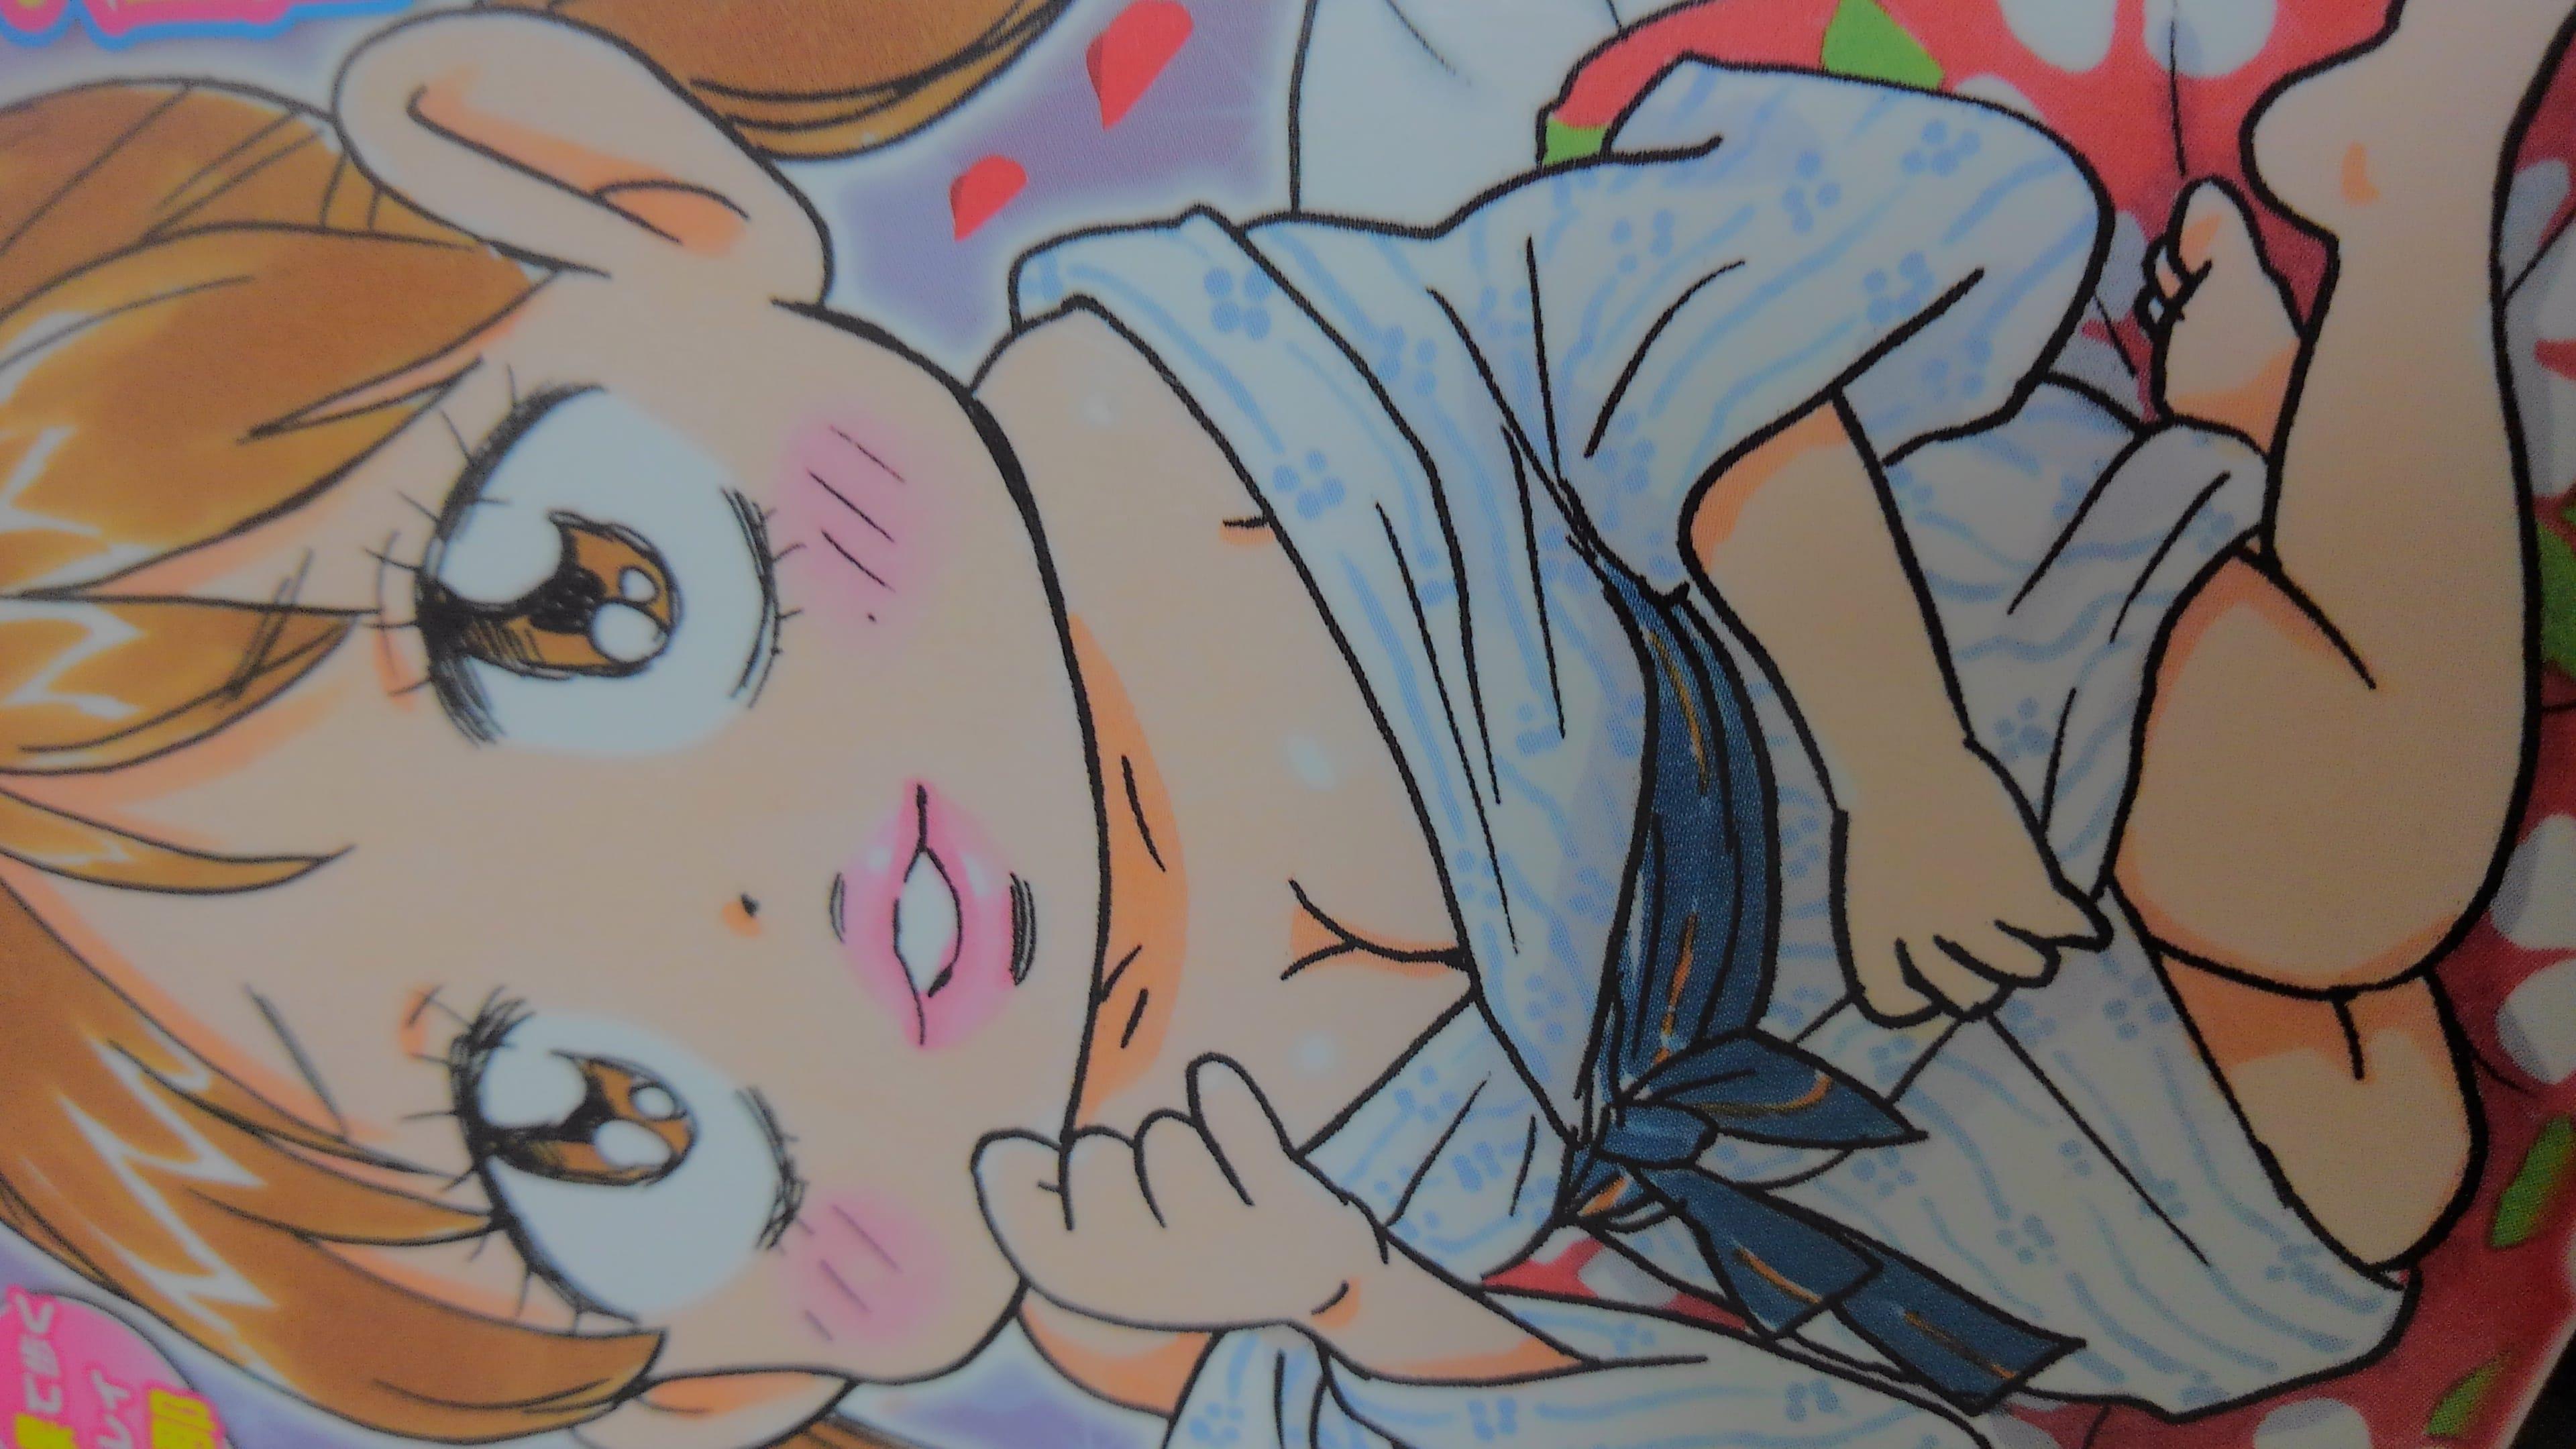 あすか「ショッカー登場( ´゜д゜`)エー」02/19(月) 21:26 | あすかの写メ・風俗動画